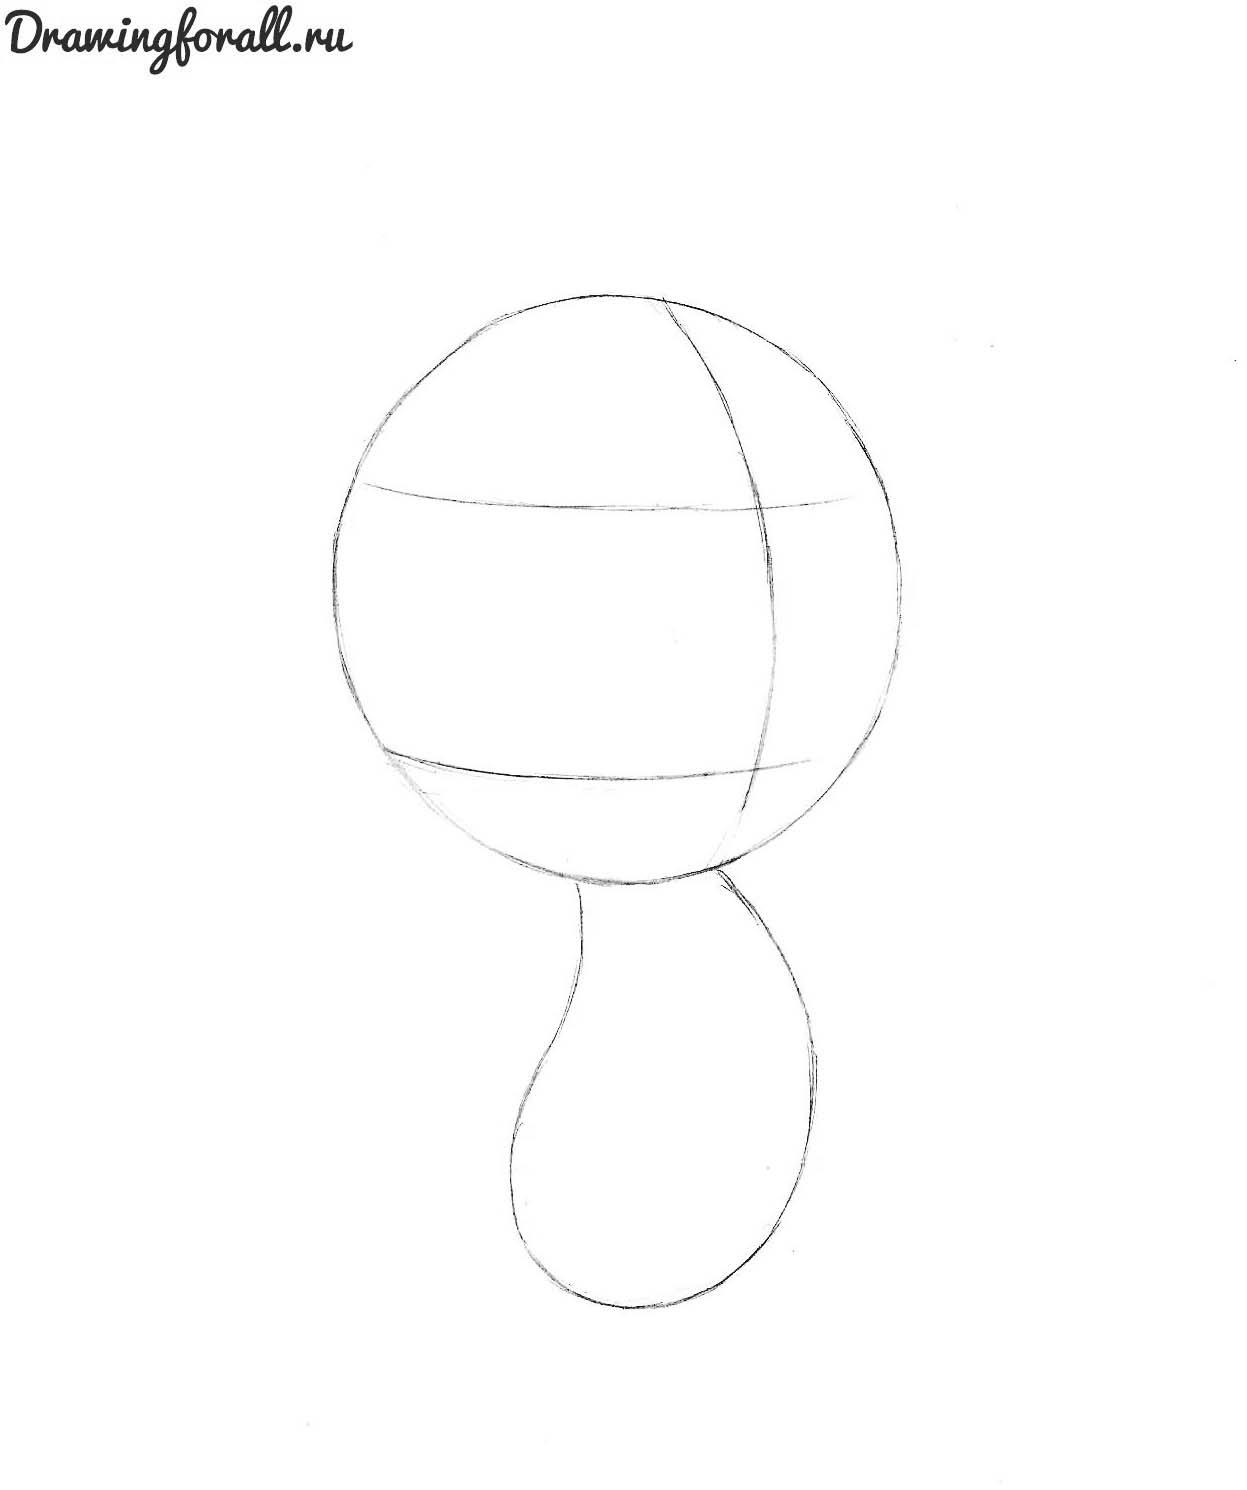 как нарисовать спайка карандашом поэтапно